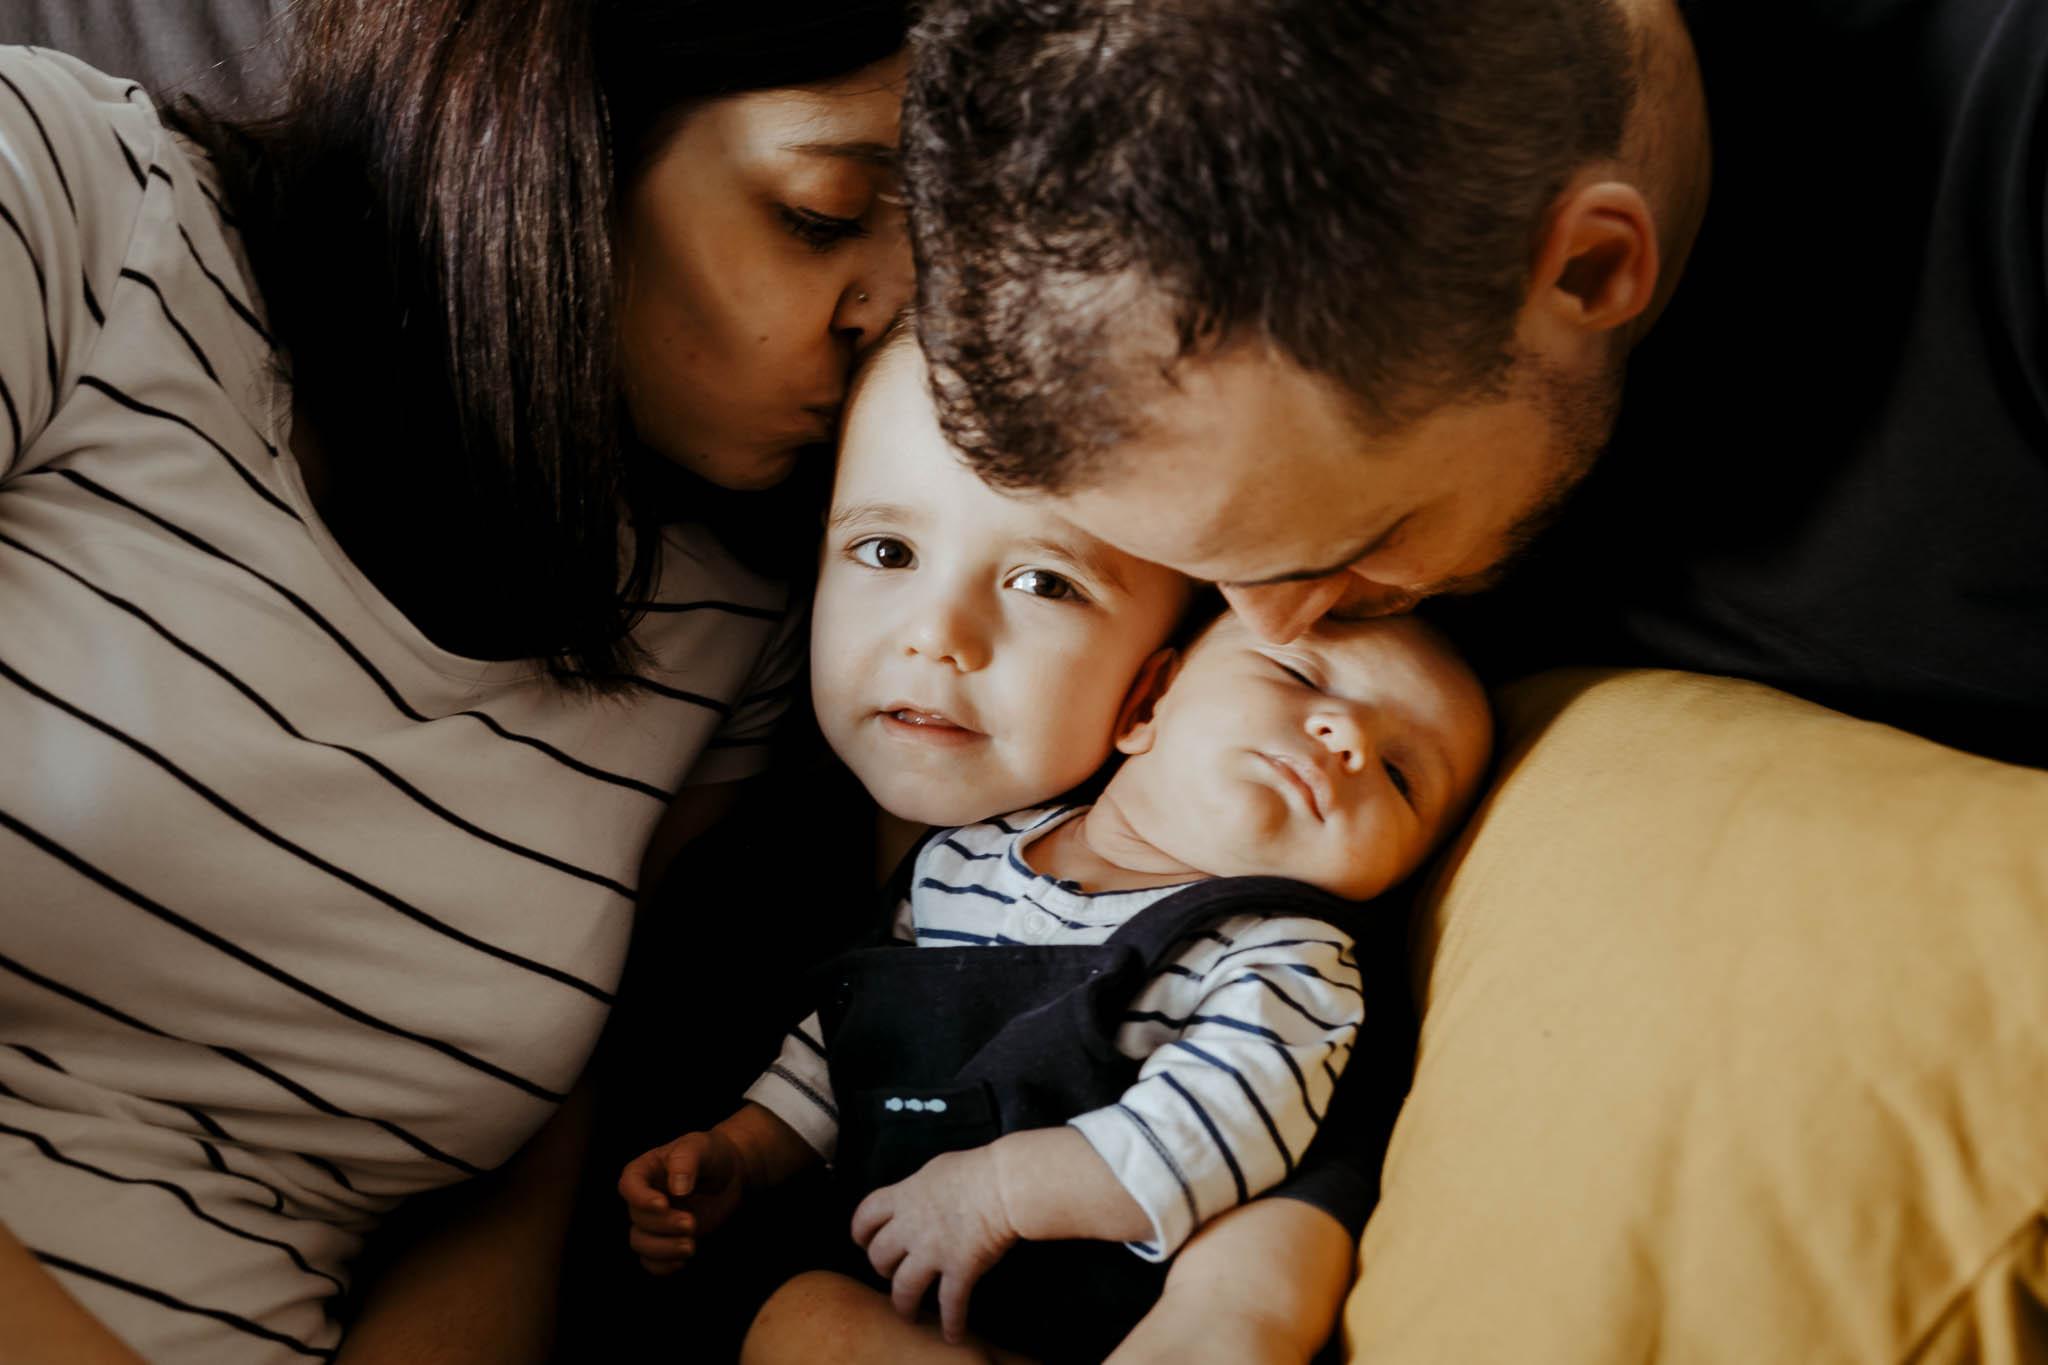 famille-bebe-loire-ingold-55.jpg